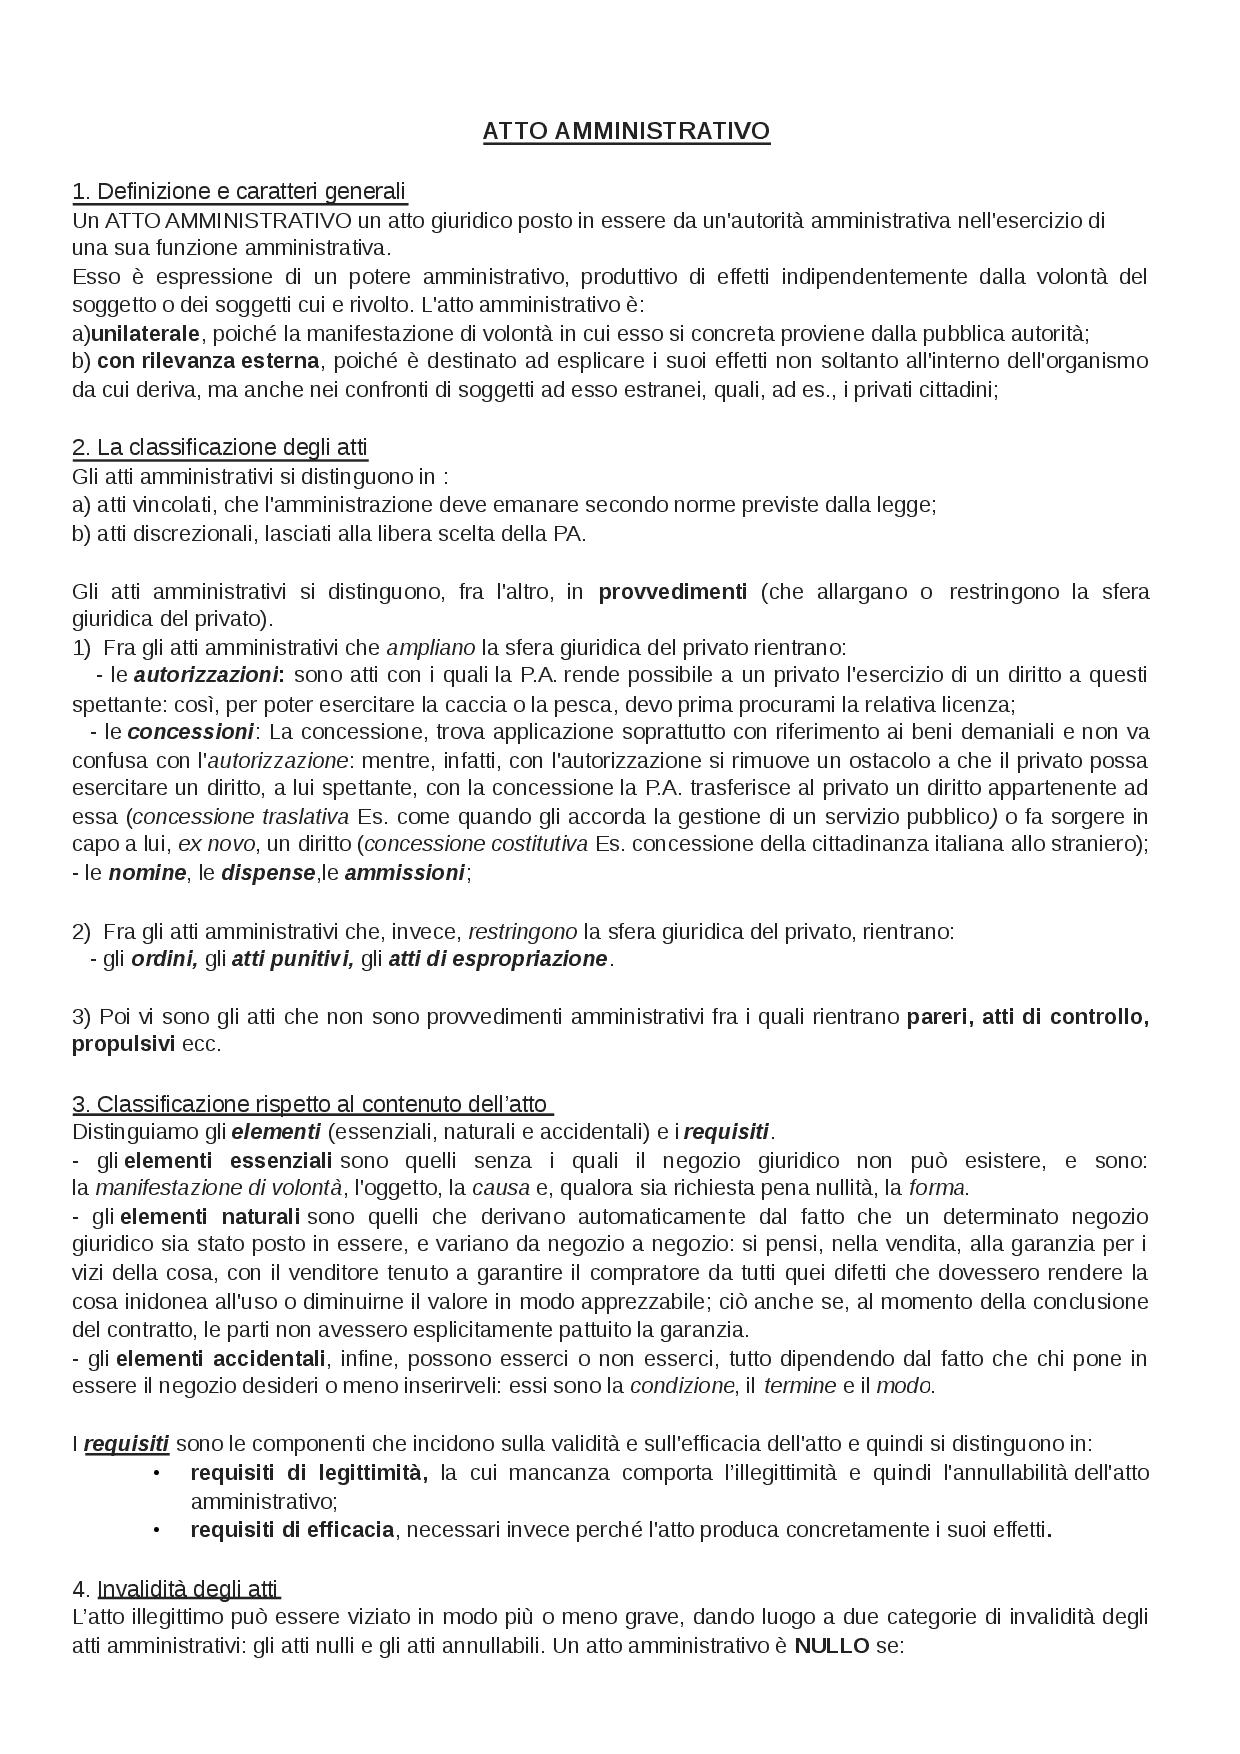 Atti Amministrativi - Capitolo Di Contabilità Di S Di avec Docsity